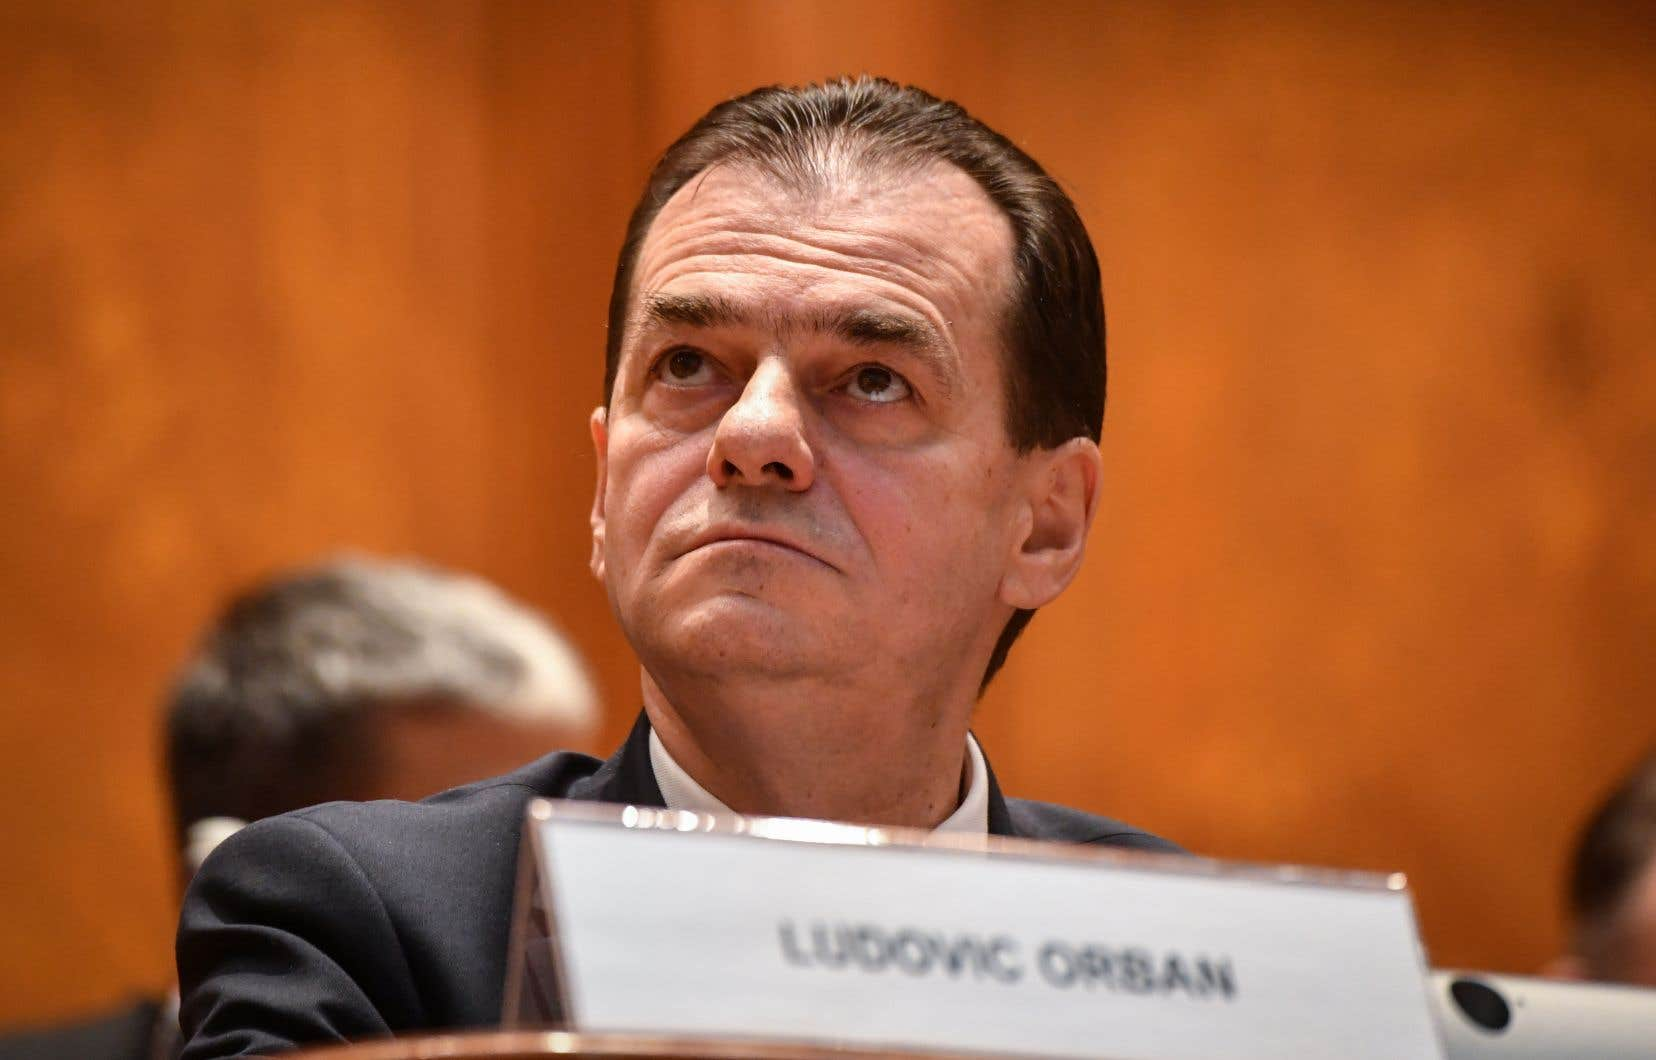 Ludovic Orban a fait à son tour l'objet d'une motion de défiance parlementaire.